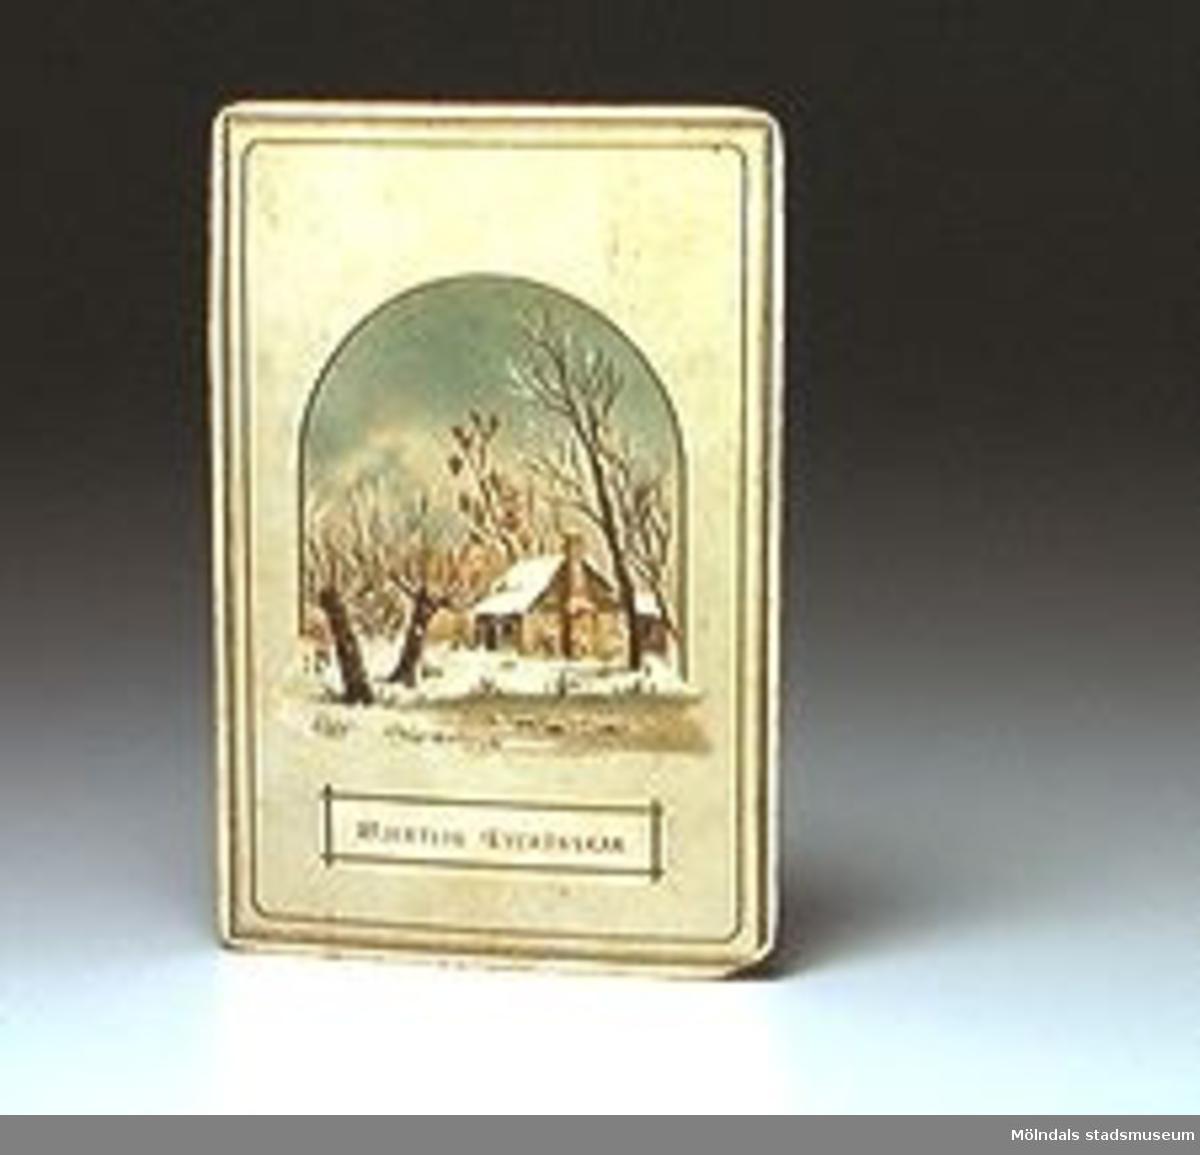 """Gratulationskort med bild av snötäckt trädgård med litet hus. Tryckt text på framsidan: """"HJERTLIG LYCKÖNSKAN"""". Minne af J Lundberg till Godtfrid. Signering i bläck på baksidan."""